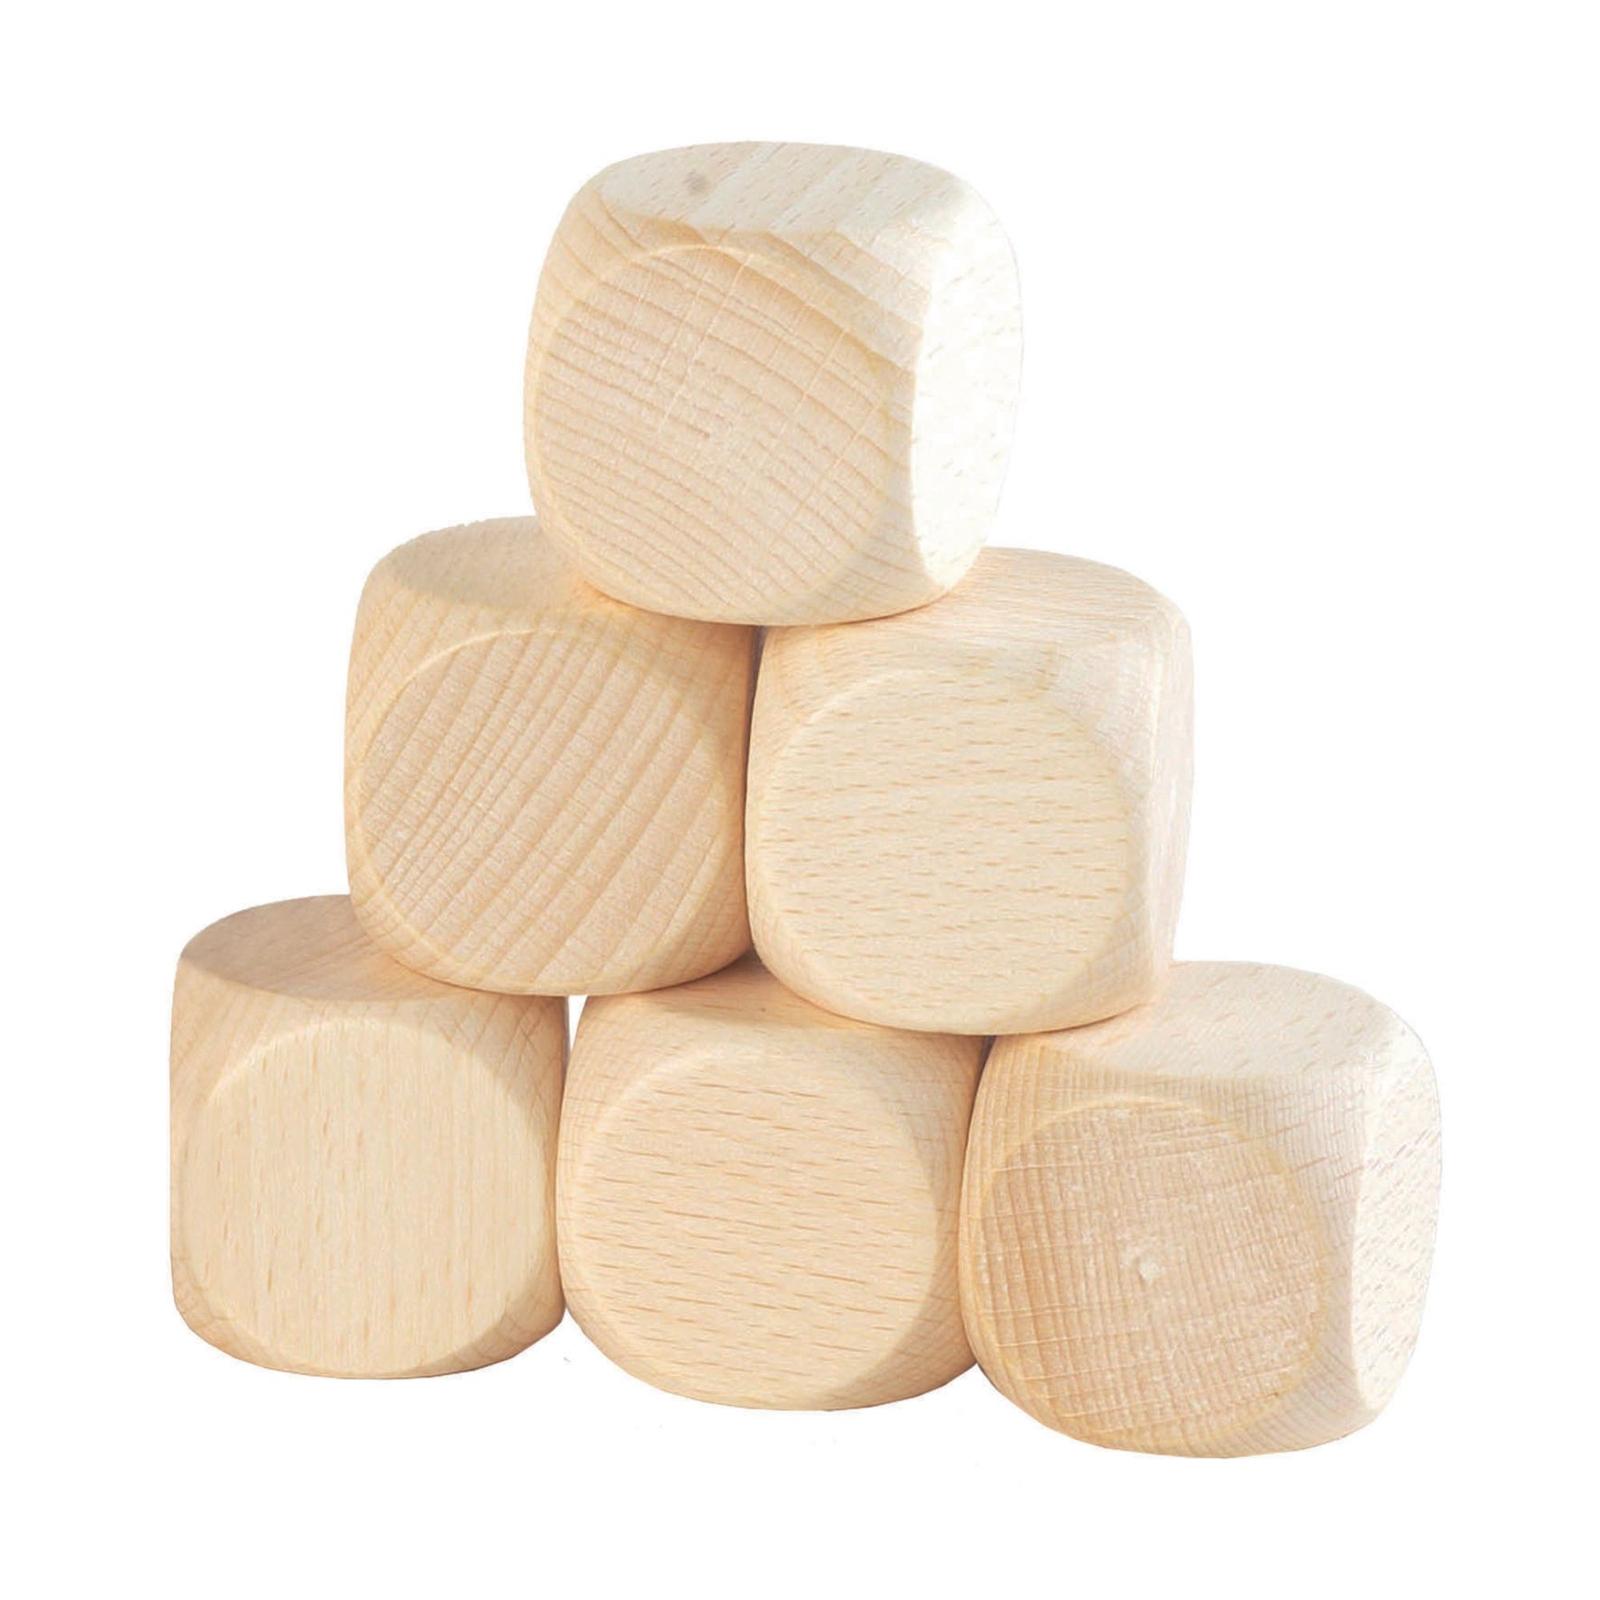 Beech Wood Cubes